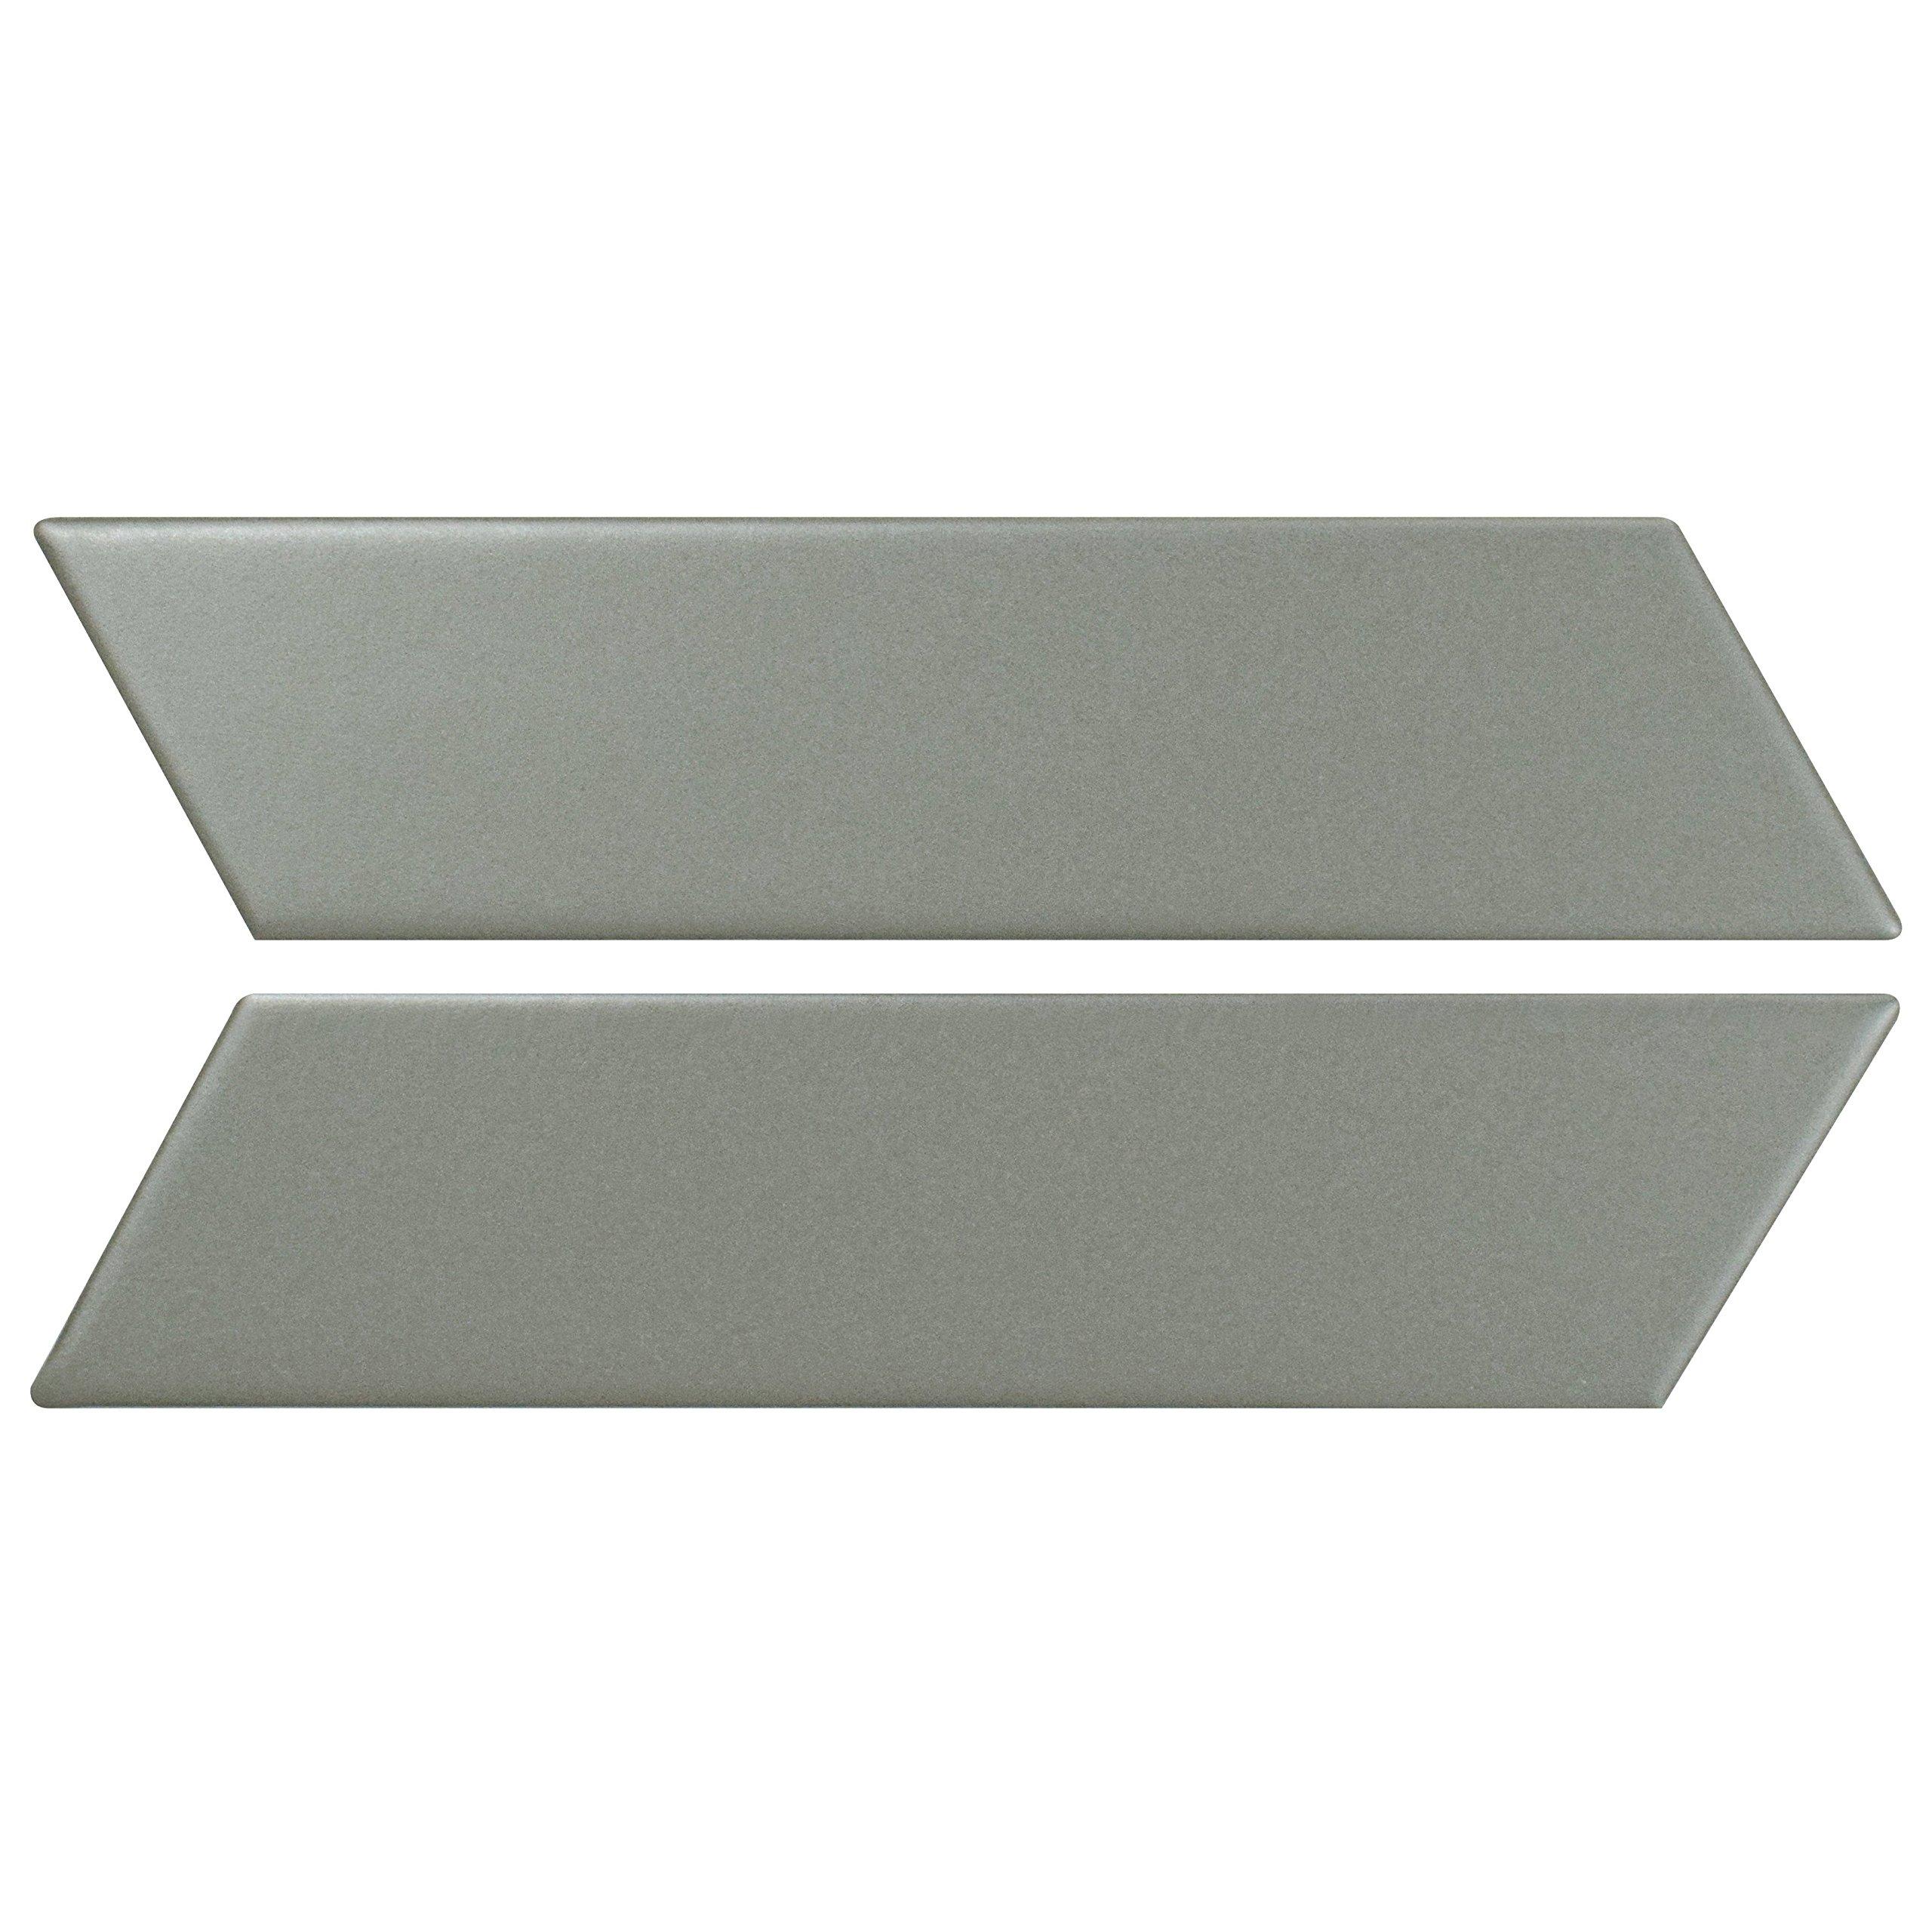 SomerTile Fmtshcml Retro Soho Chevron Porcelain Floor and Wall Tile, 1.75'' x 7'', Matte Light Grey